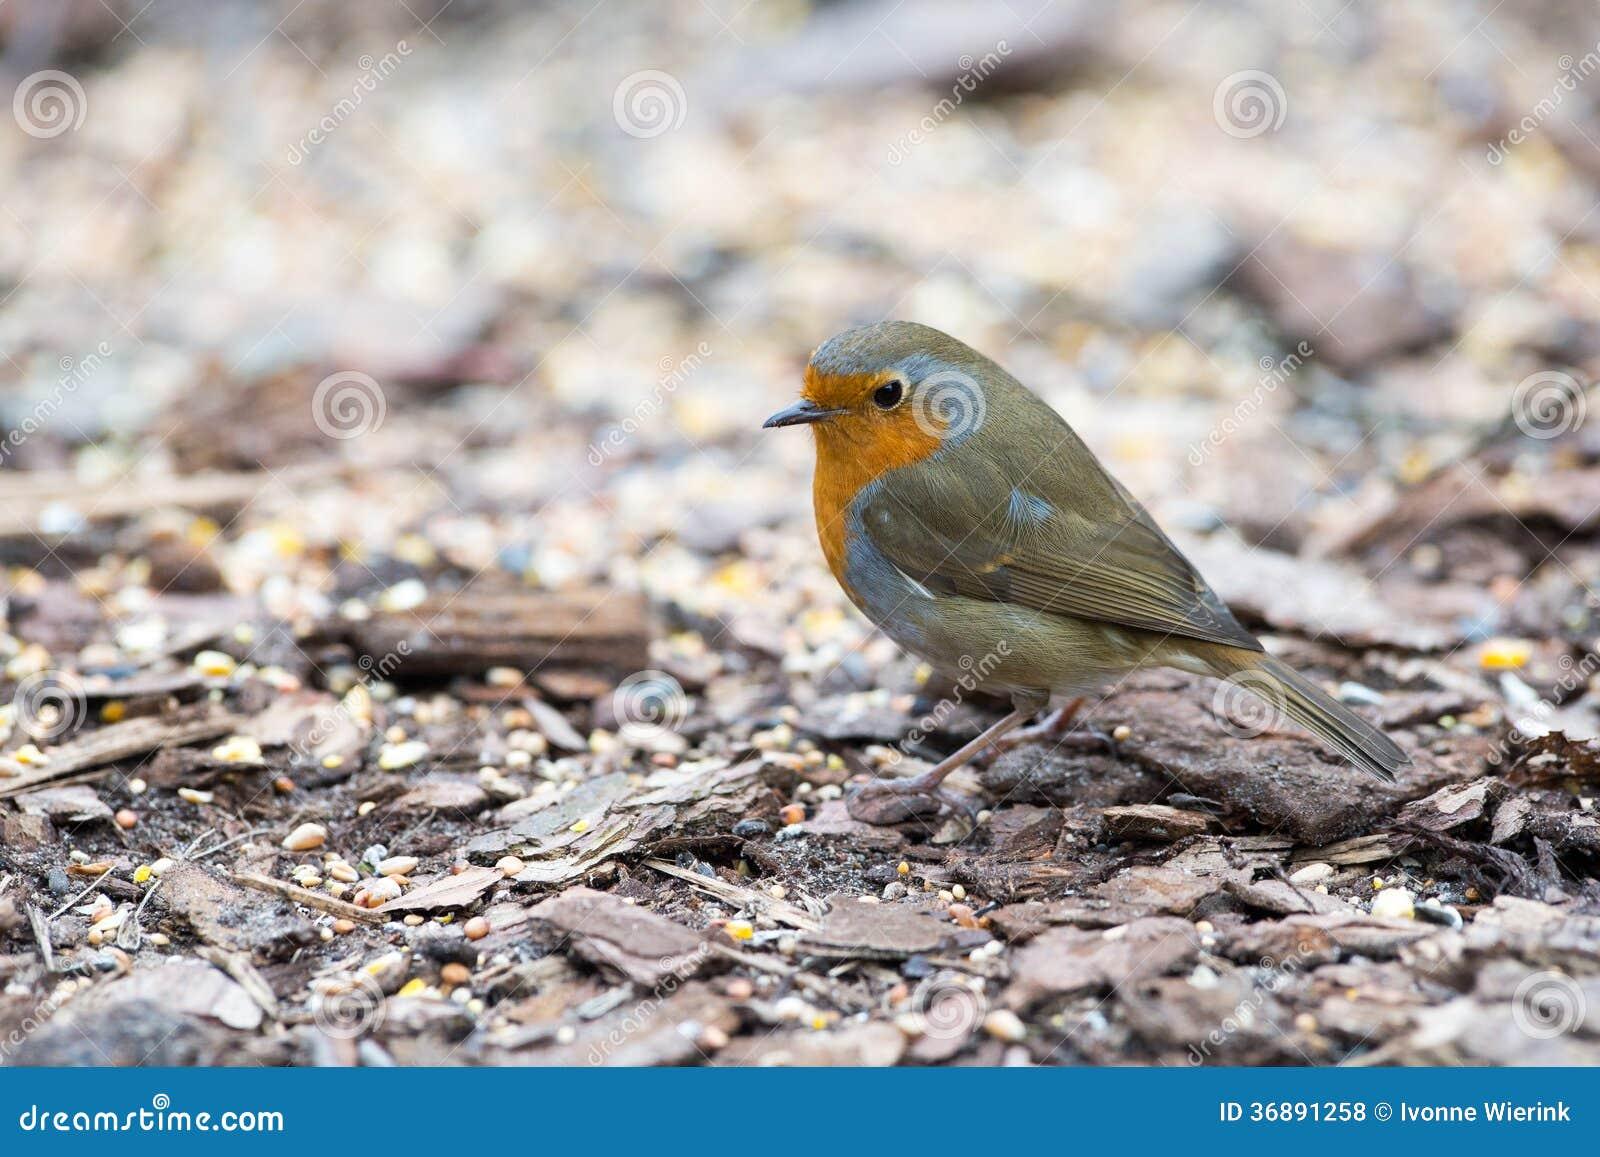 Download Europeo Robin fotografia stock. Immagine di nessuno, pettirosso - 36891258